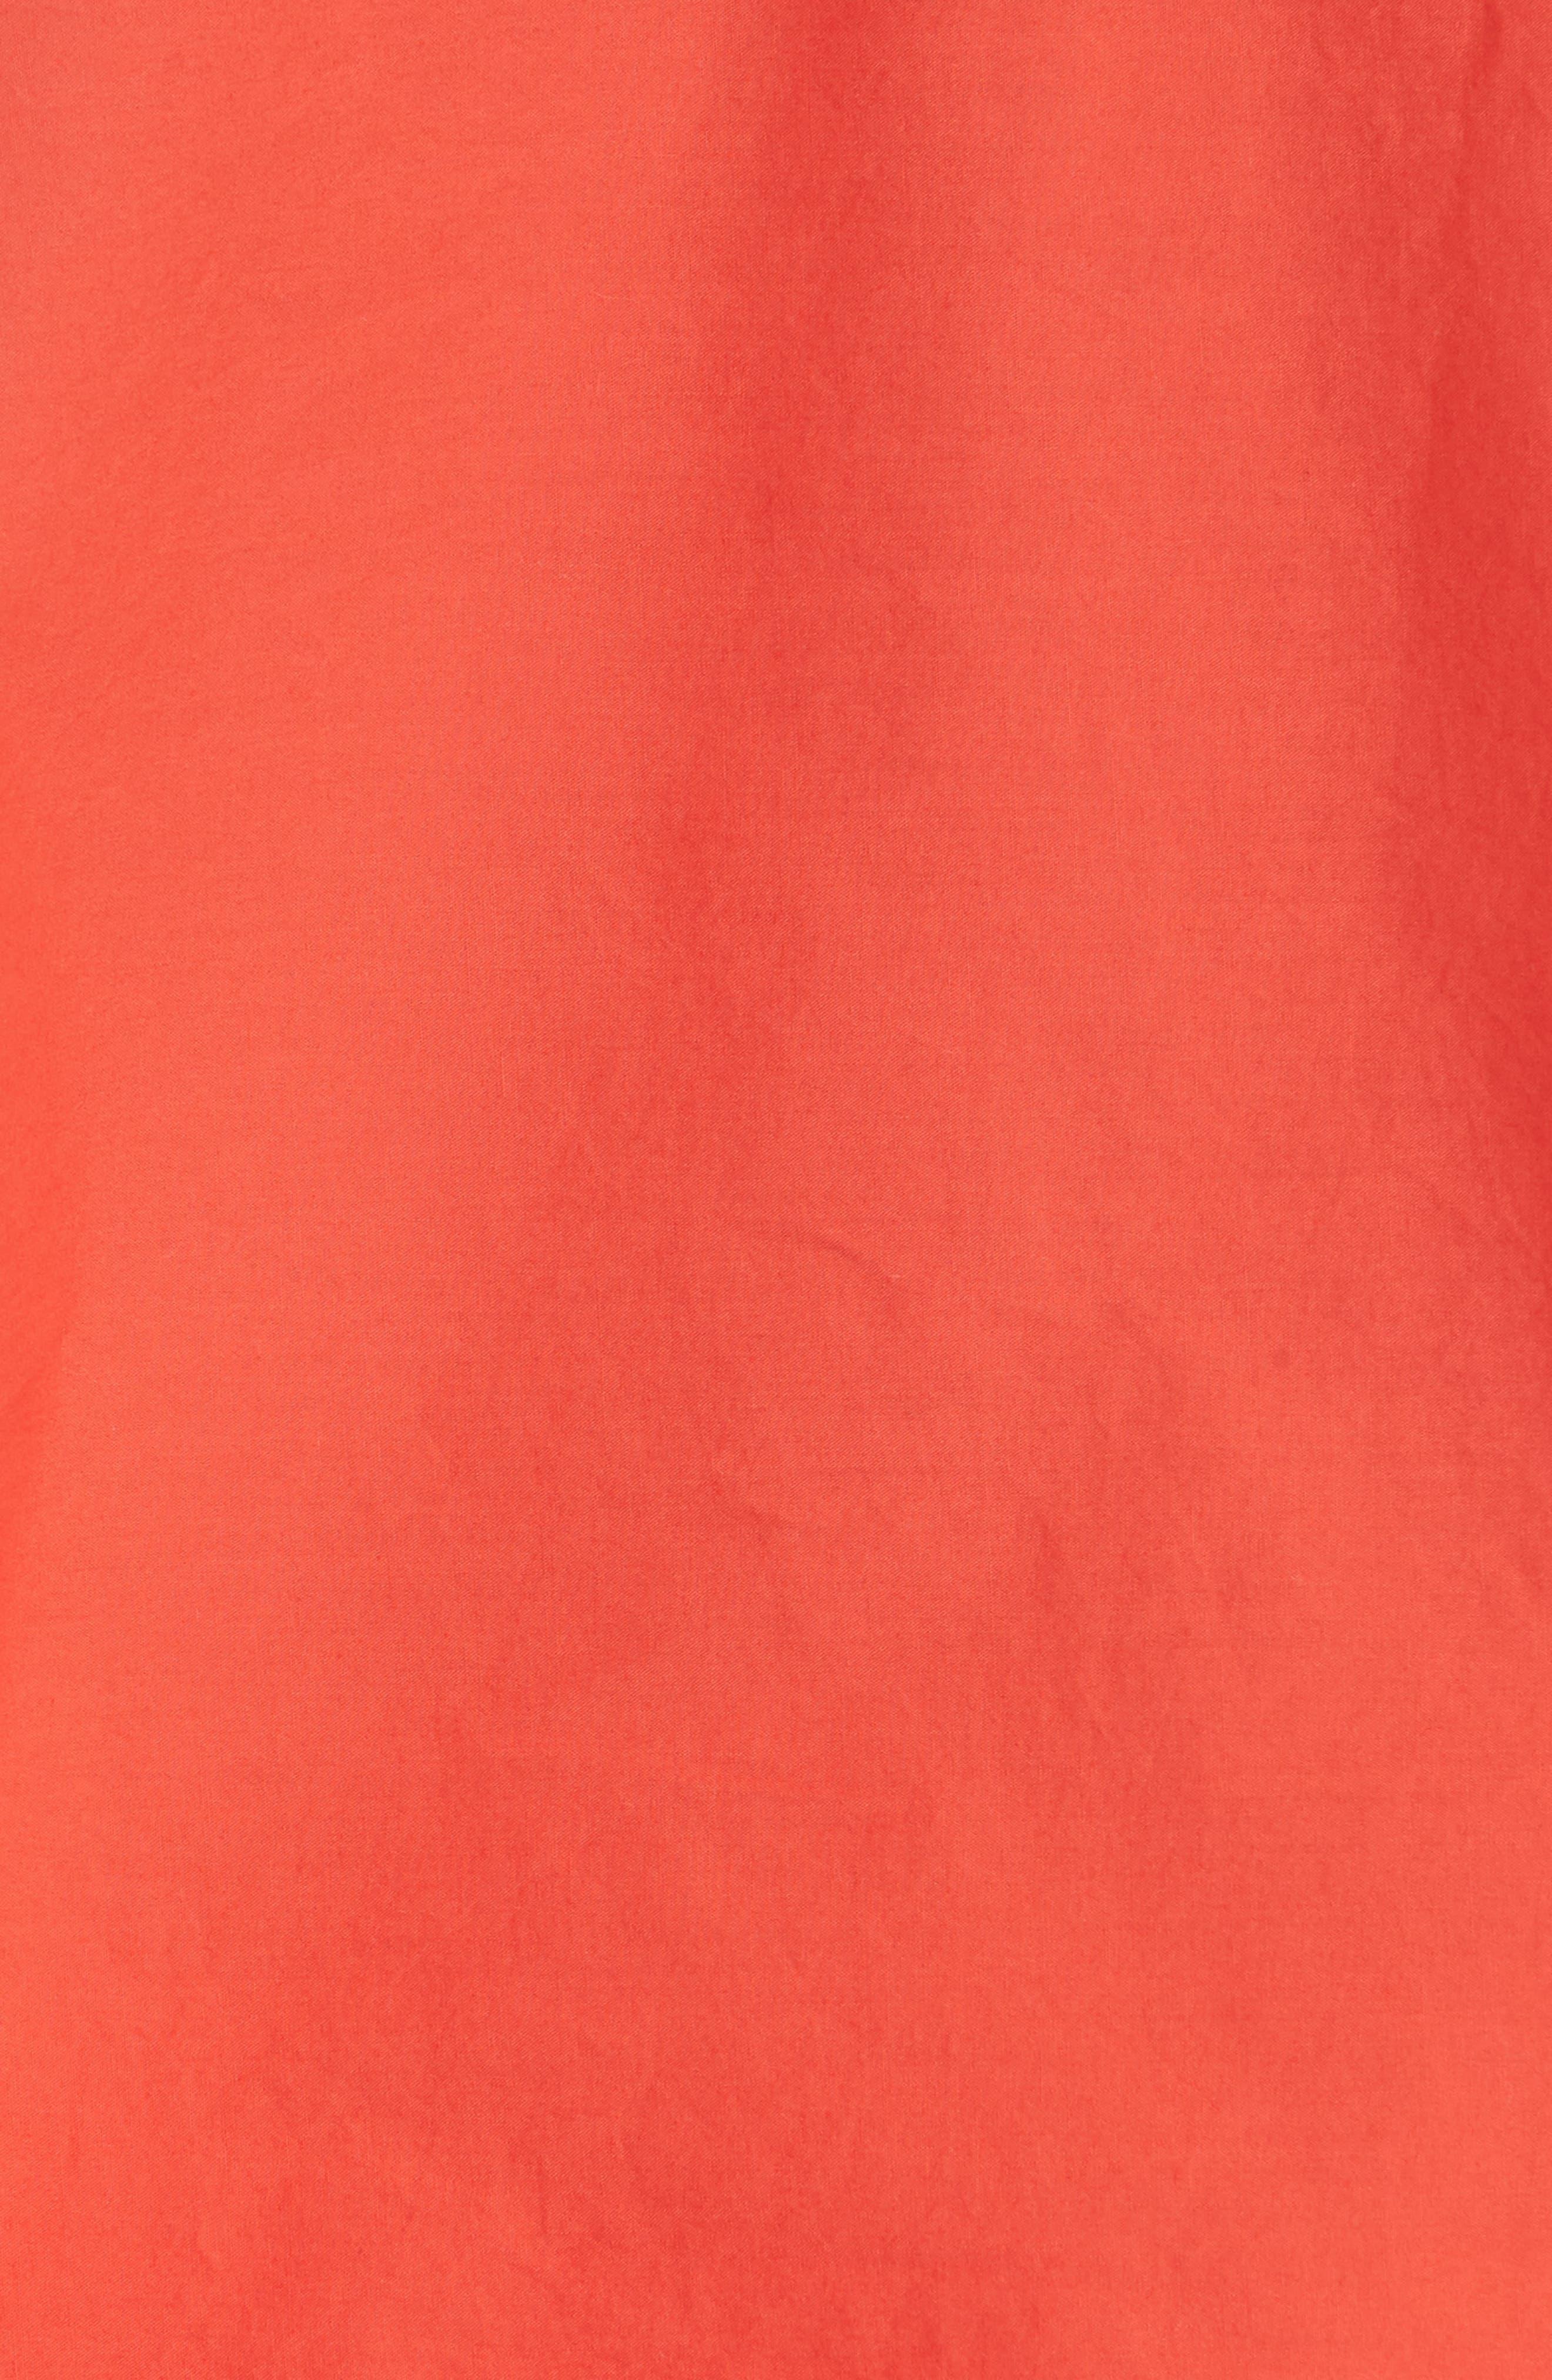 Colissa One-Shoulder Cotton Blouse,                             Alternate thumbnail 5, color,                             800